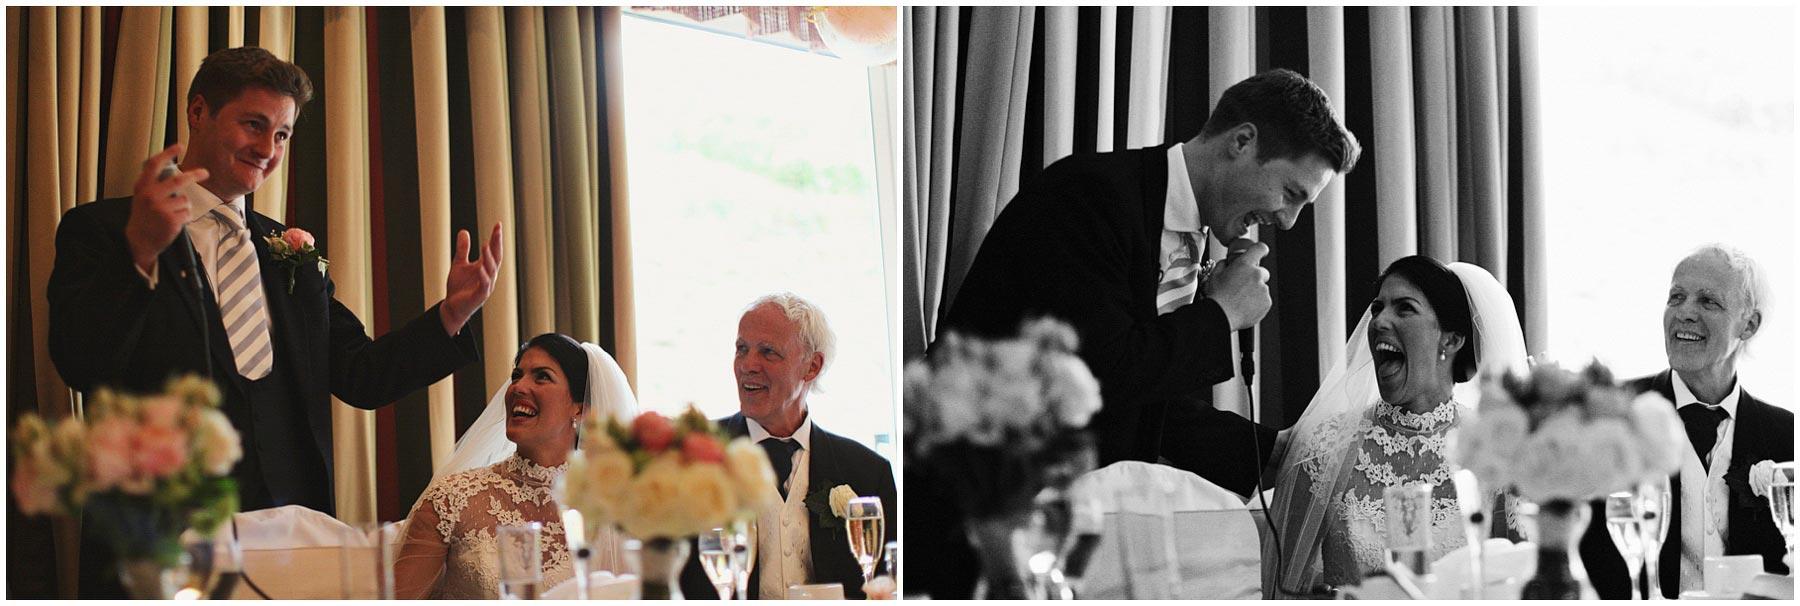 Wentbridge-House-Wedding-Photography-115